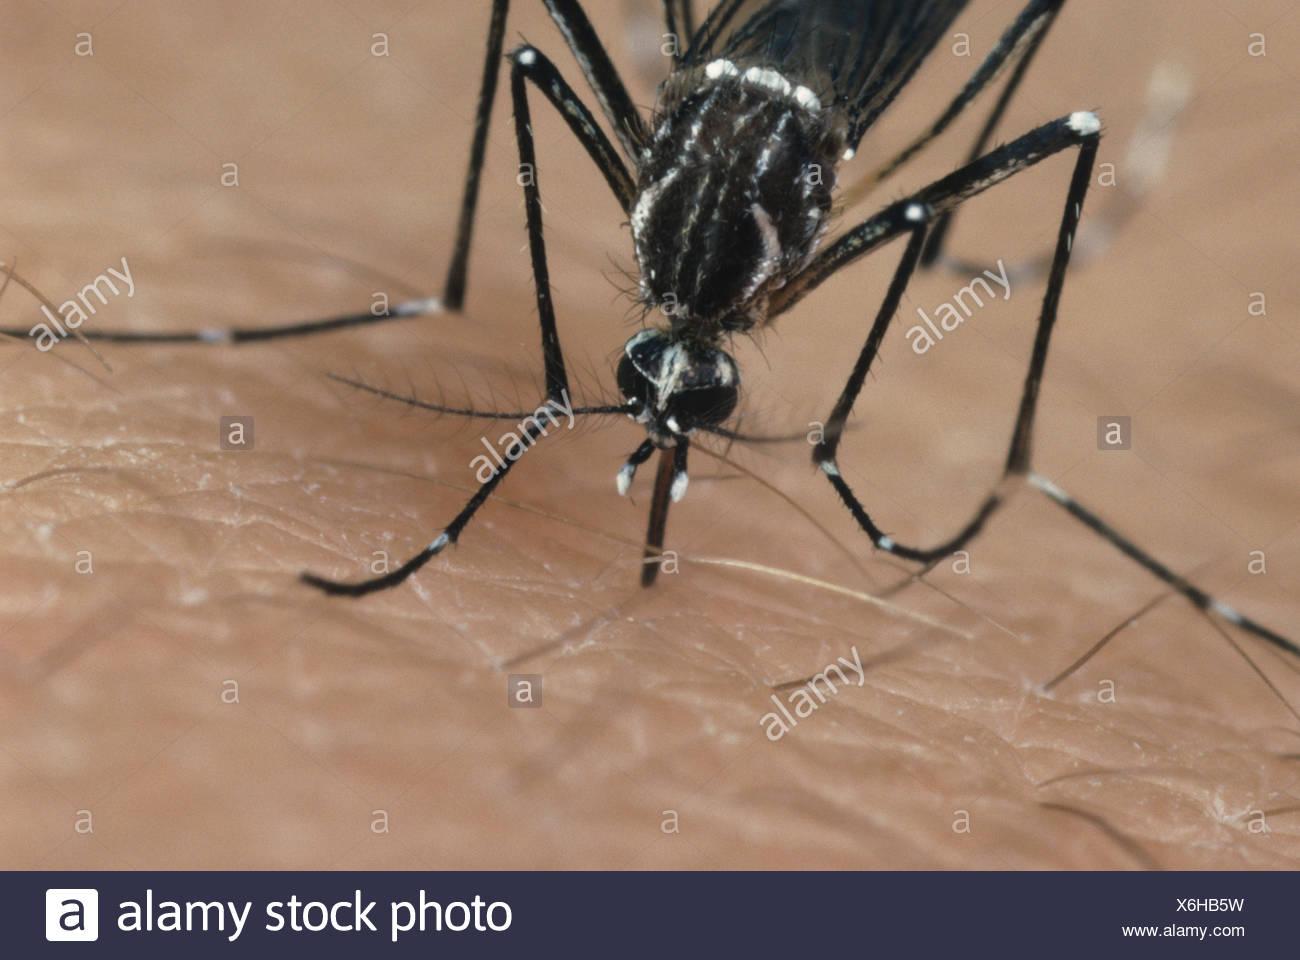 Ägyptische Mücke Aedes Aegypti Yekllow Fieber Insekt Vektor Stockbild